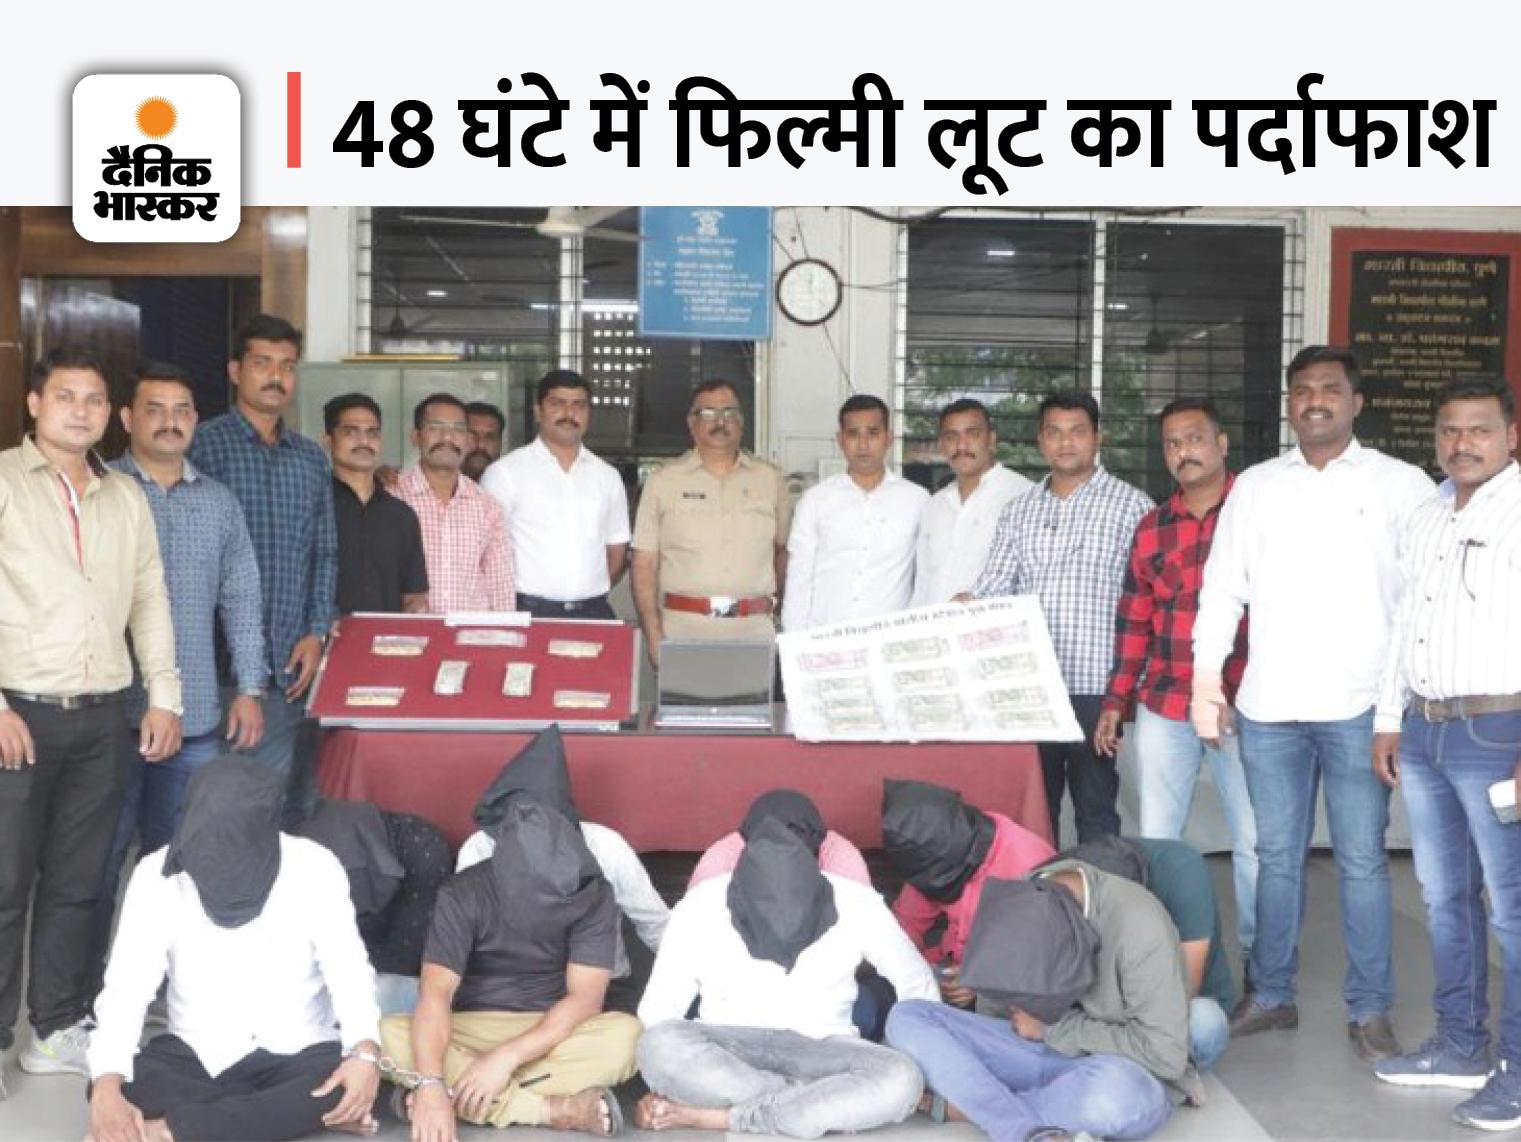 9 लोगों ने इनकम टैक्स अधिकारी बनकर ज्वेलरी शॉप पर छापा मारा; 20 लाख रु. और सोना ले गए|महाराष्ट्र,Maharashtra - Dainik Bhaskar